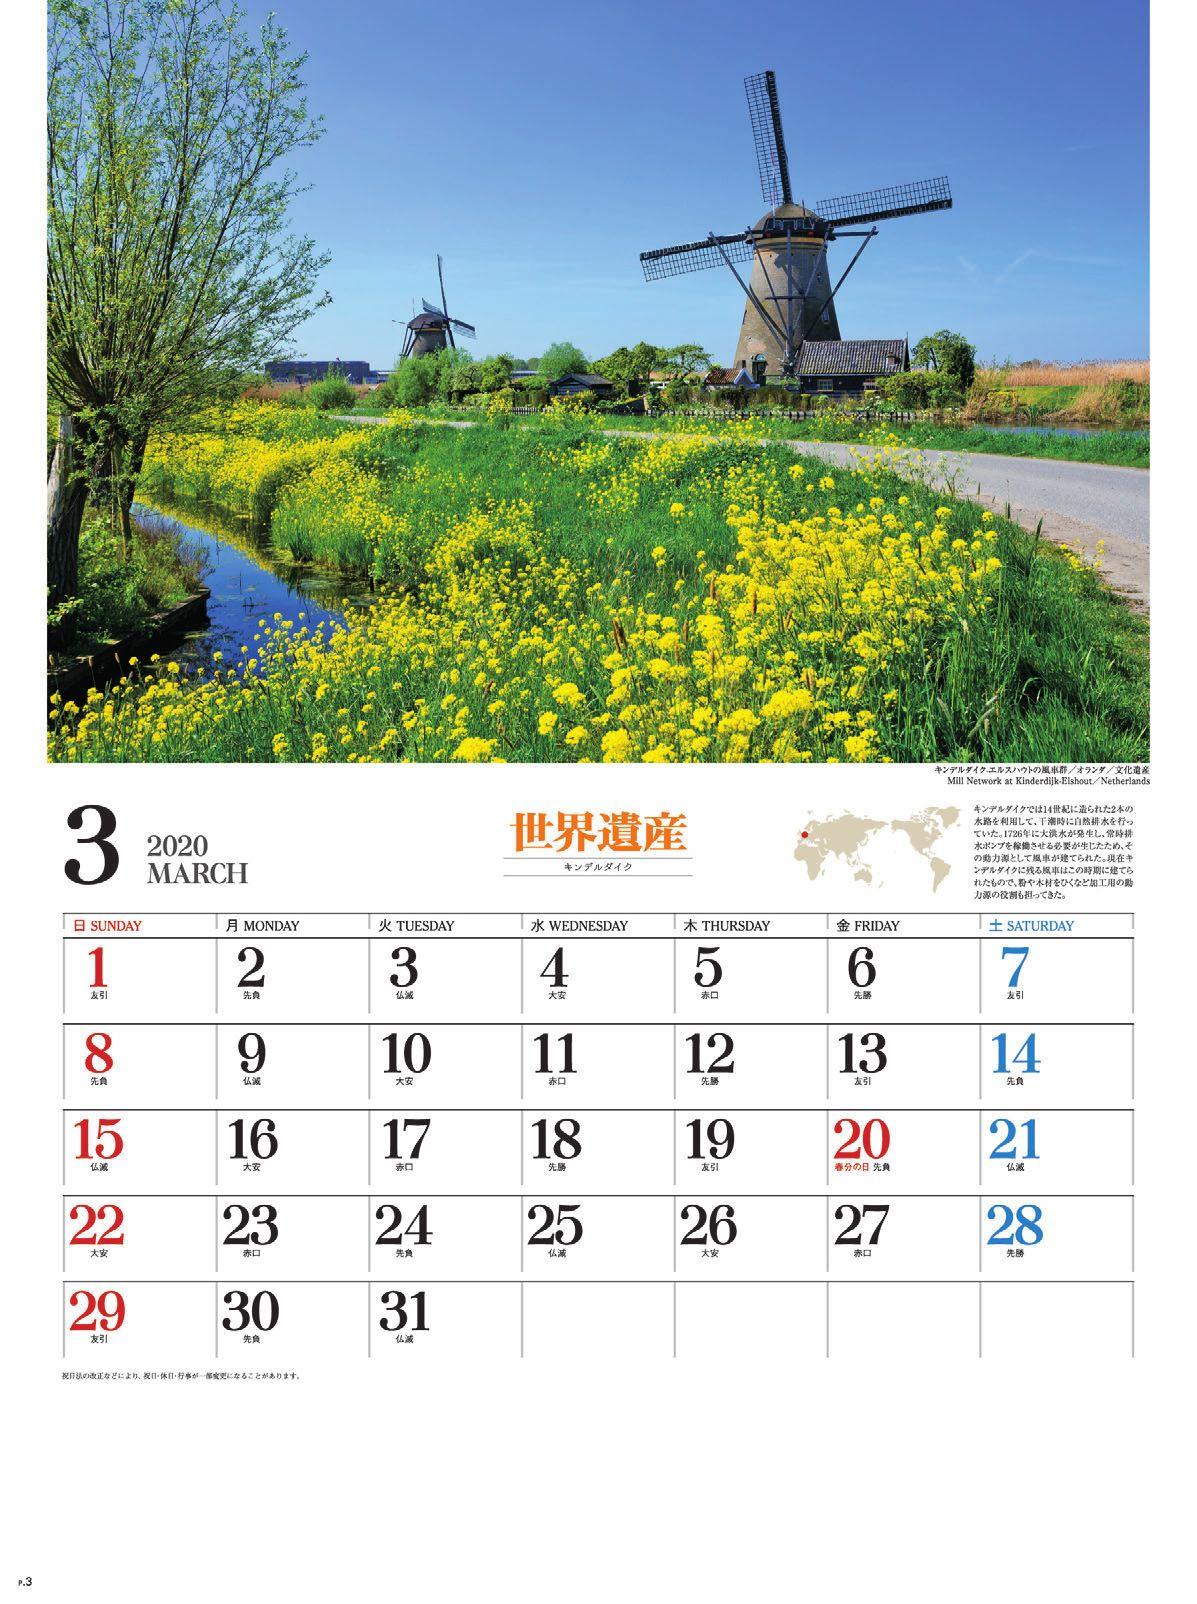 画像:キンデルダイク(オランダ) ユネスコ世界遺産 2020年カレンダー